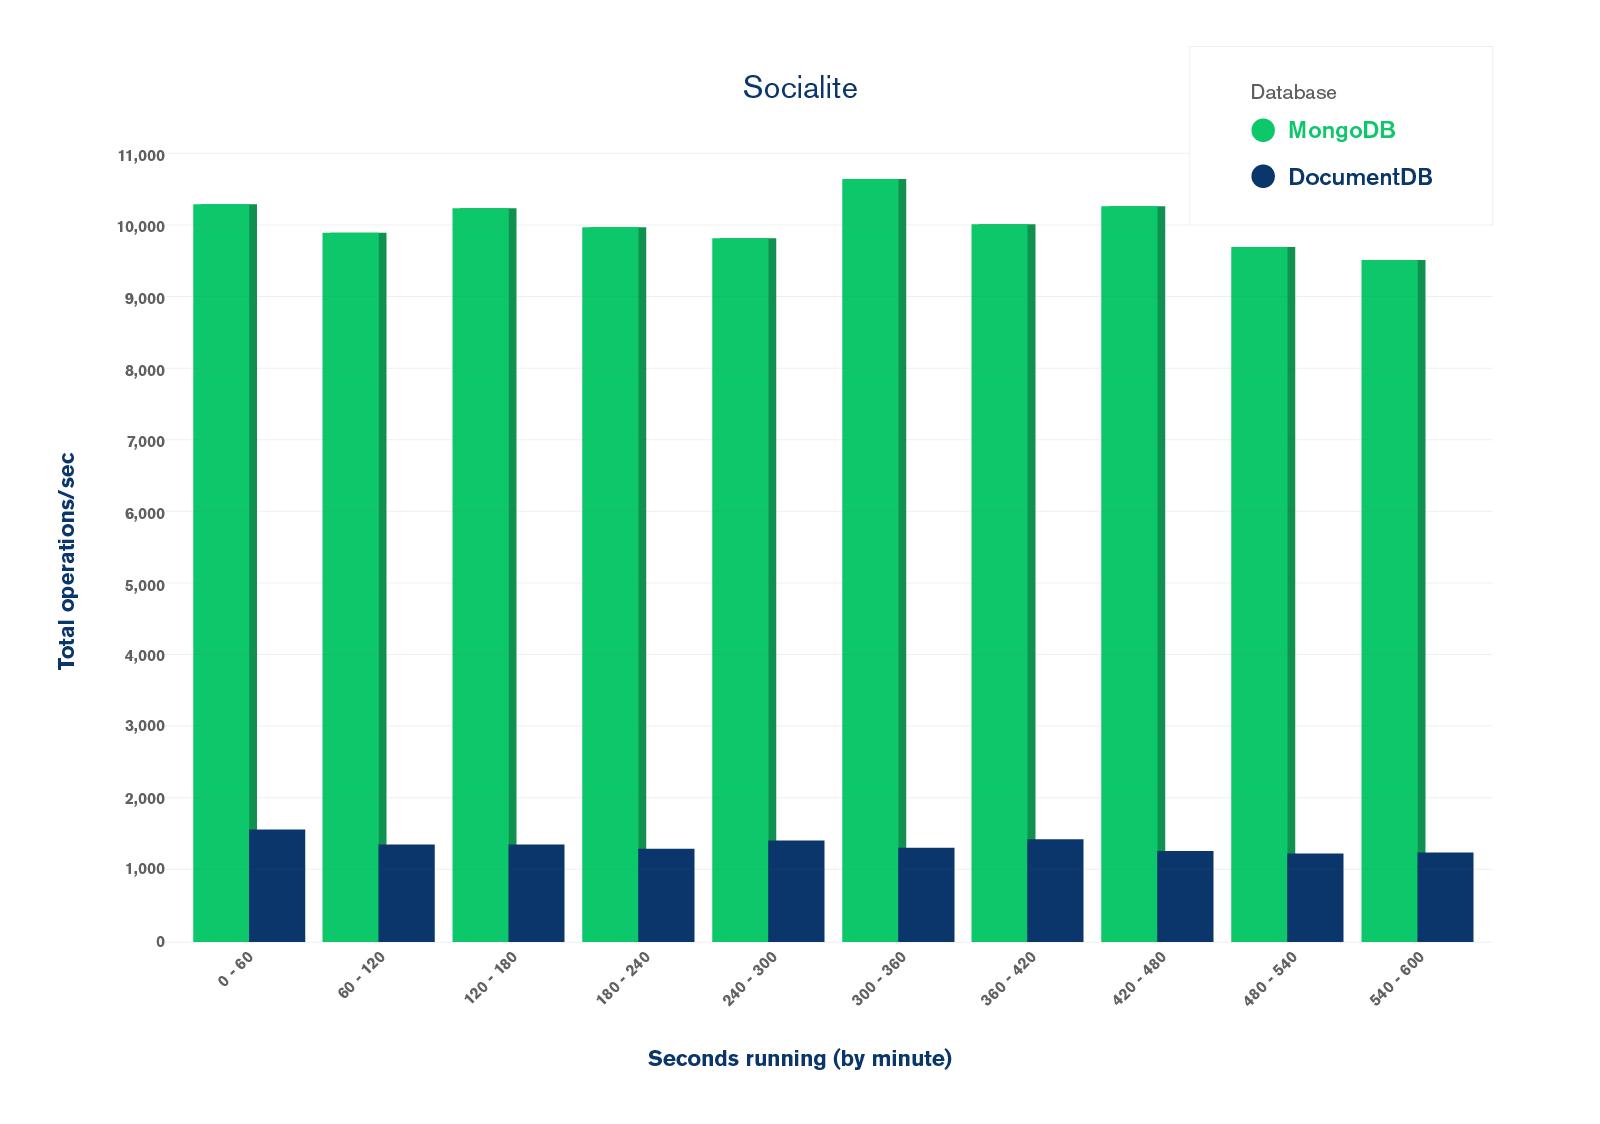 Socialite benchmark results